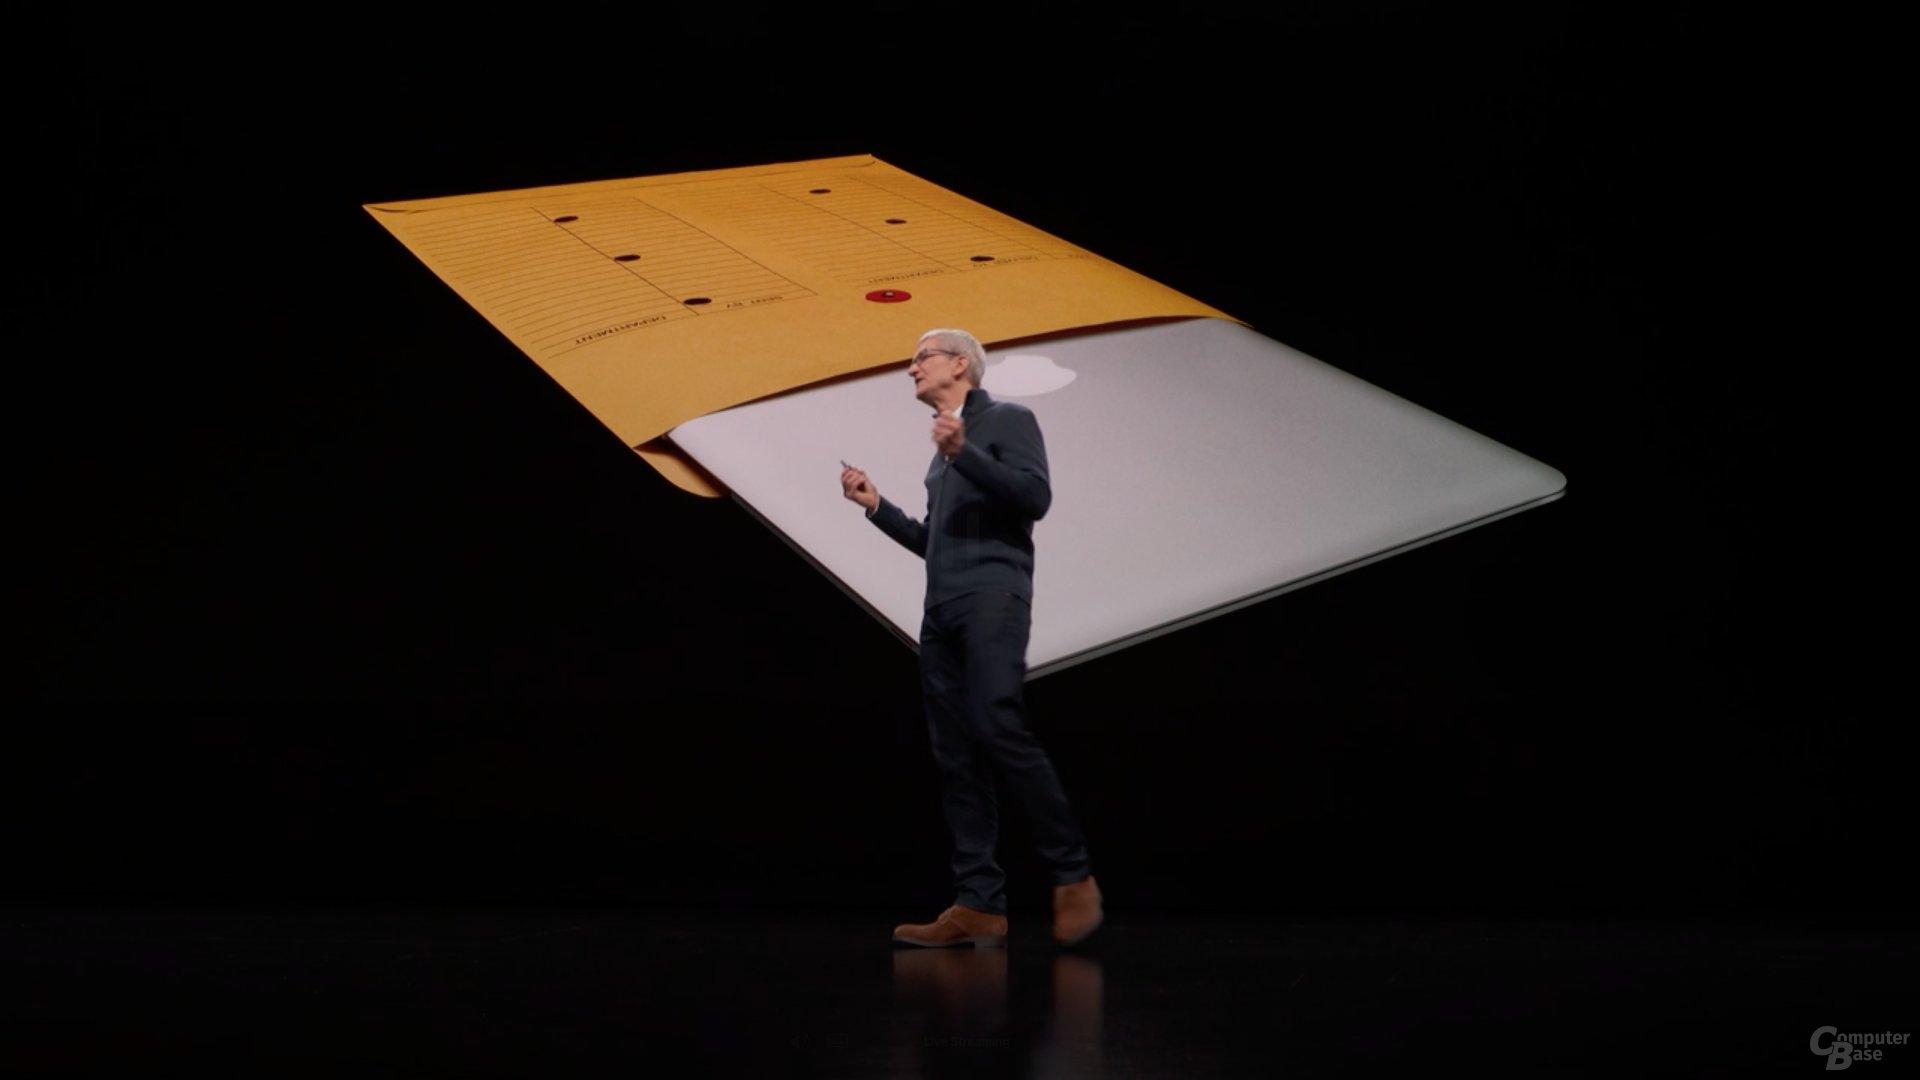 Vor über zehn Jahren zog Steve Jobs das MacBook Air aus einer Versandtasche